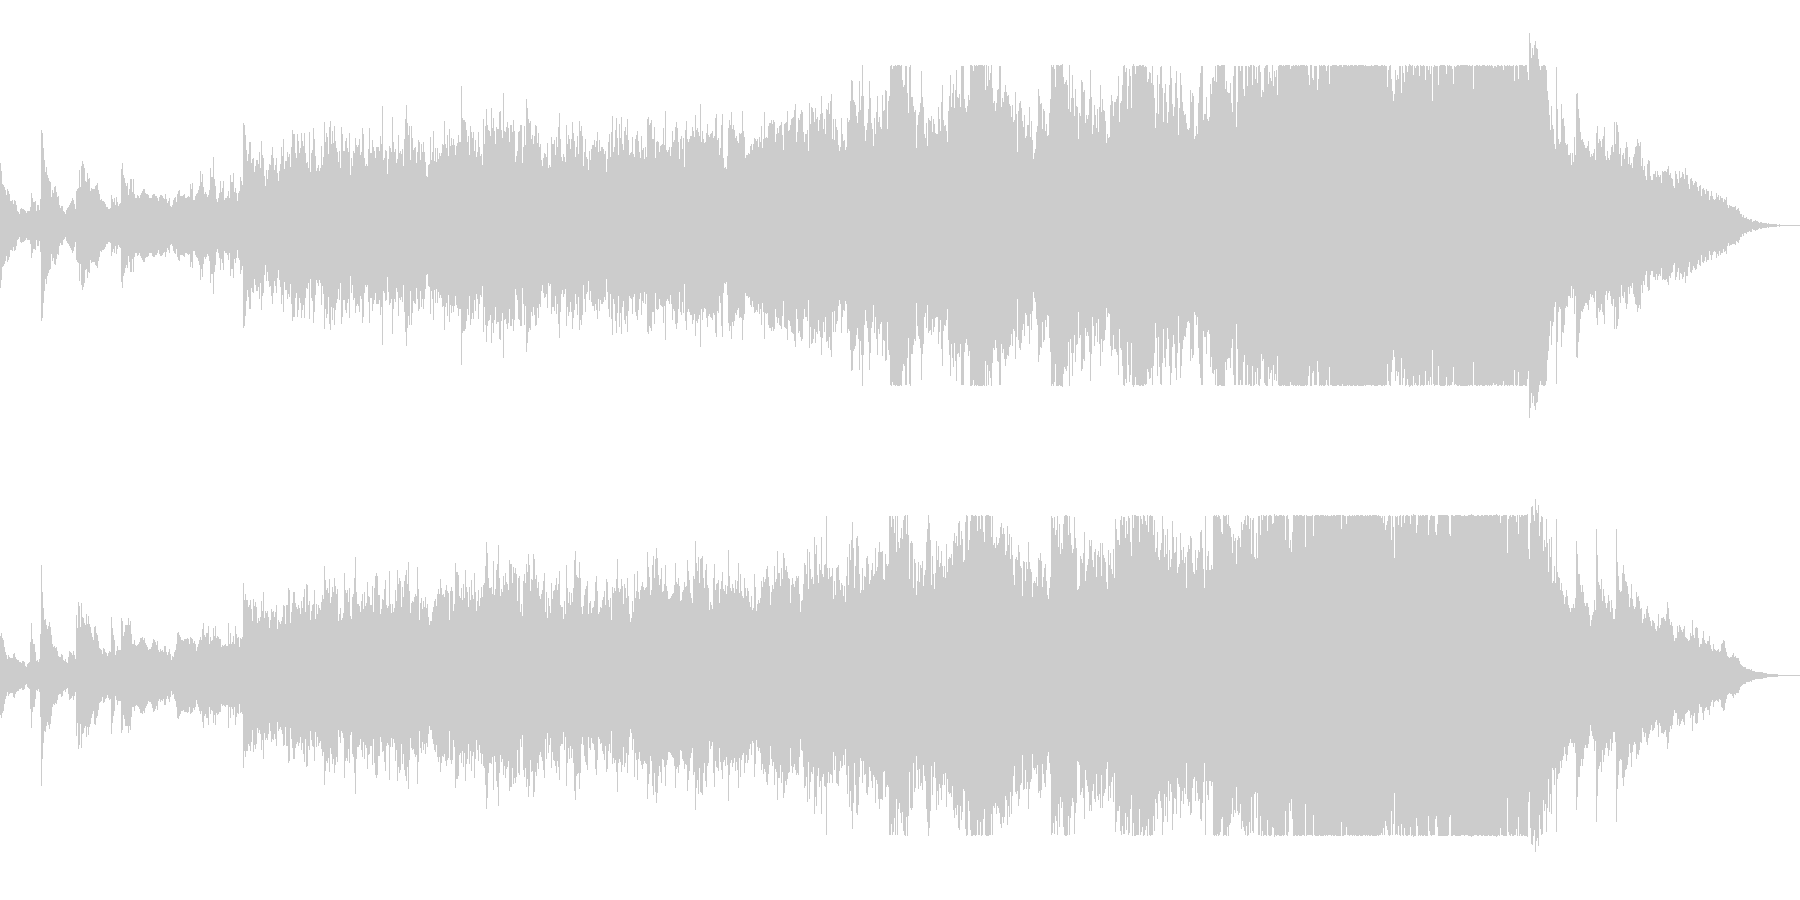 ハスキーな歌声と低音打楽器が特徴の楽曲の未再生の波形